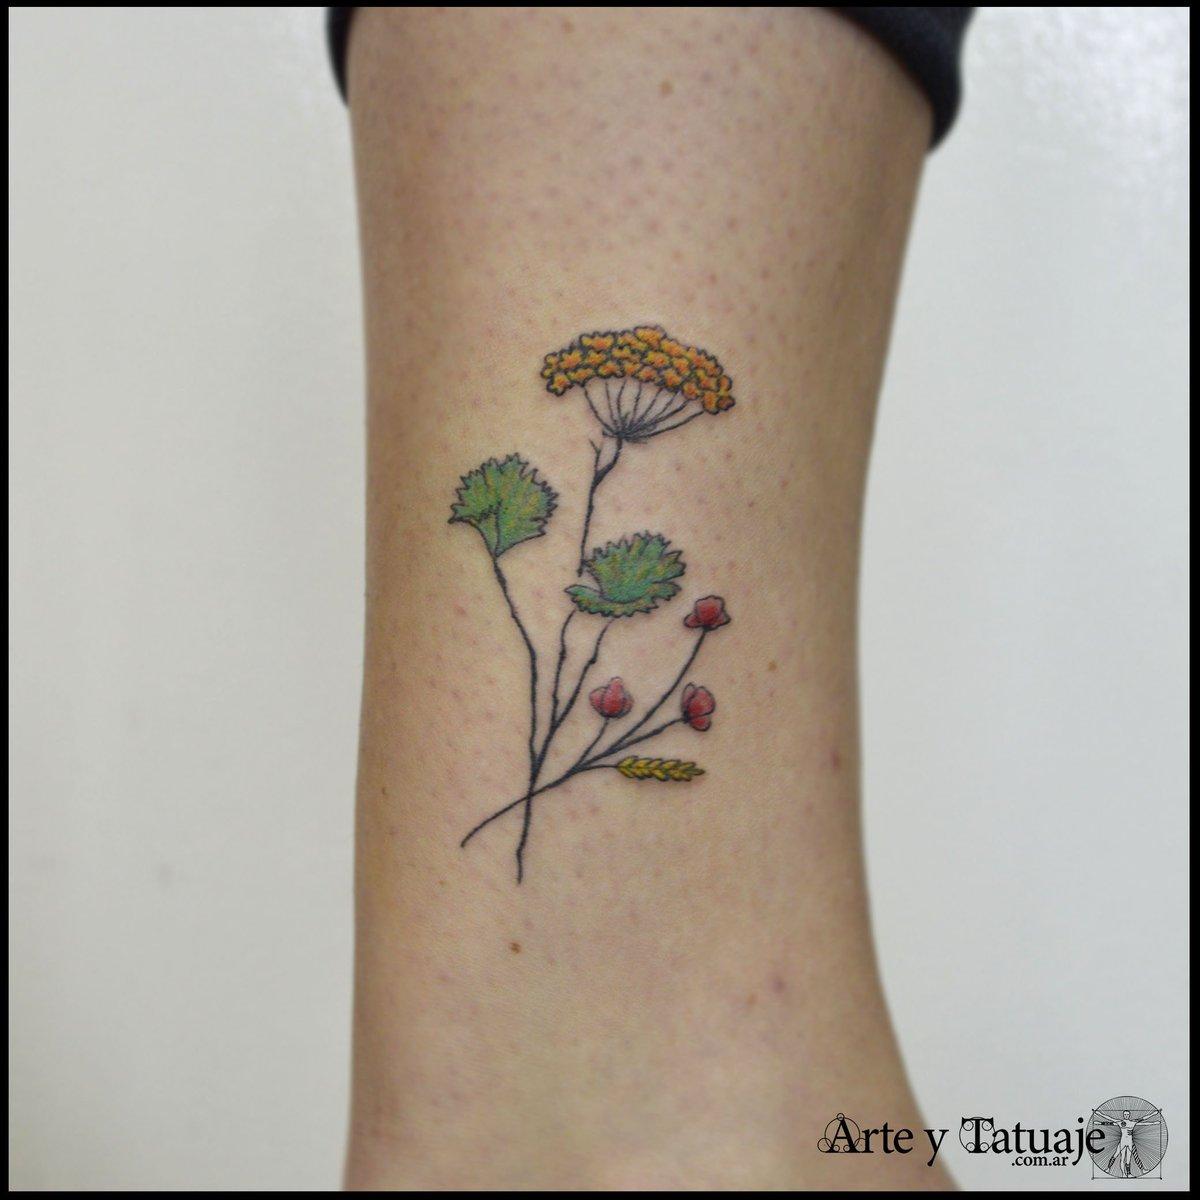 Arte Y Tatuaje On Twitter Tatuaje Personalizado Rama De Anís